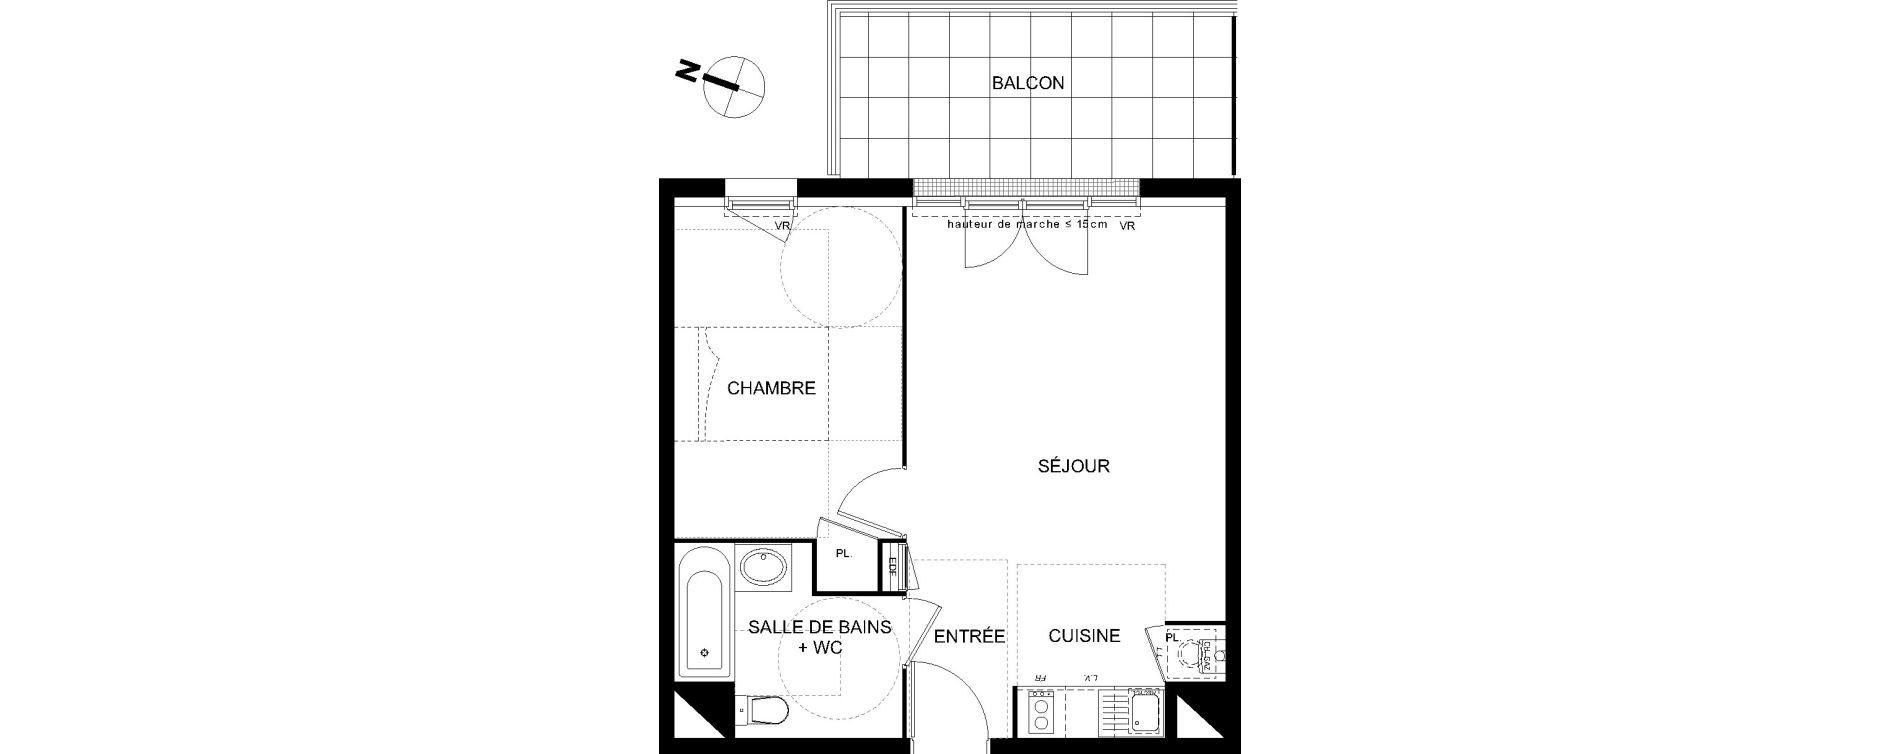 Appartement T2 de 42,62 m2 à Castanet-Tolosan Castanet tolosan centre